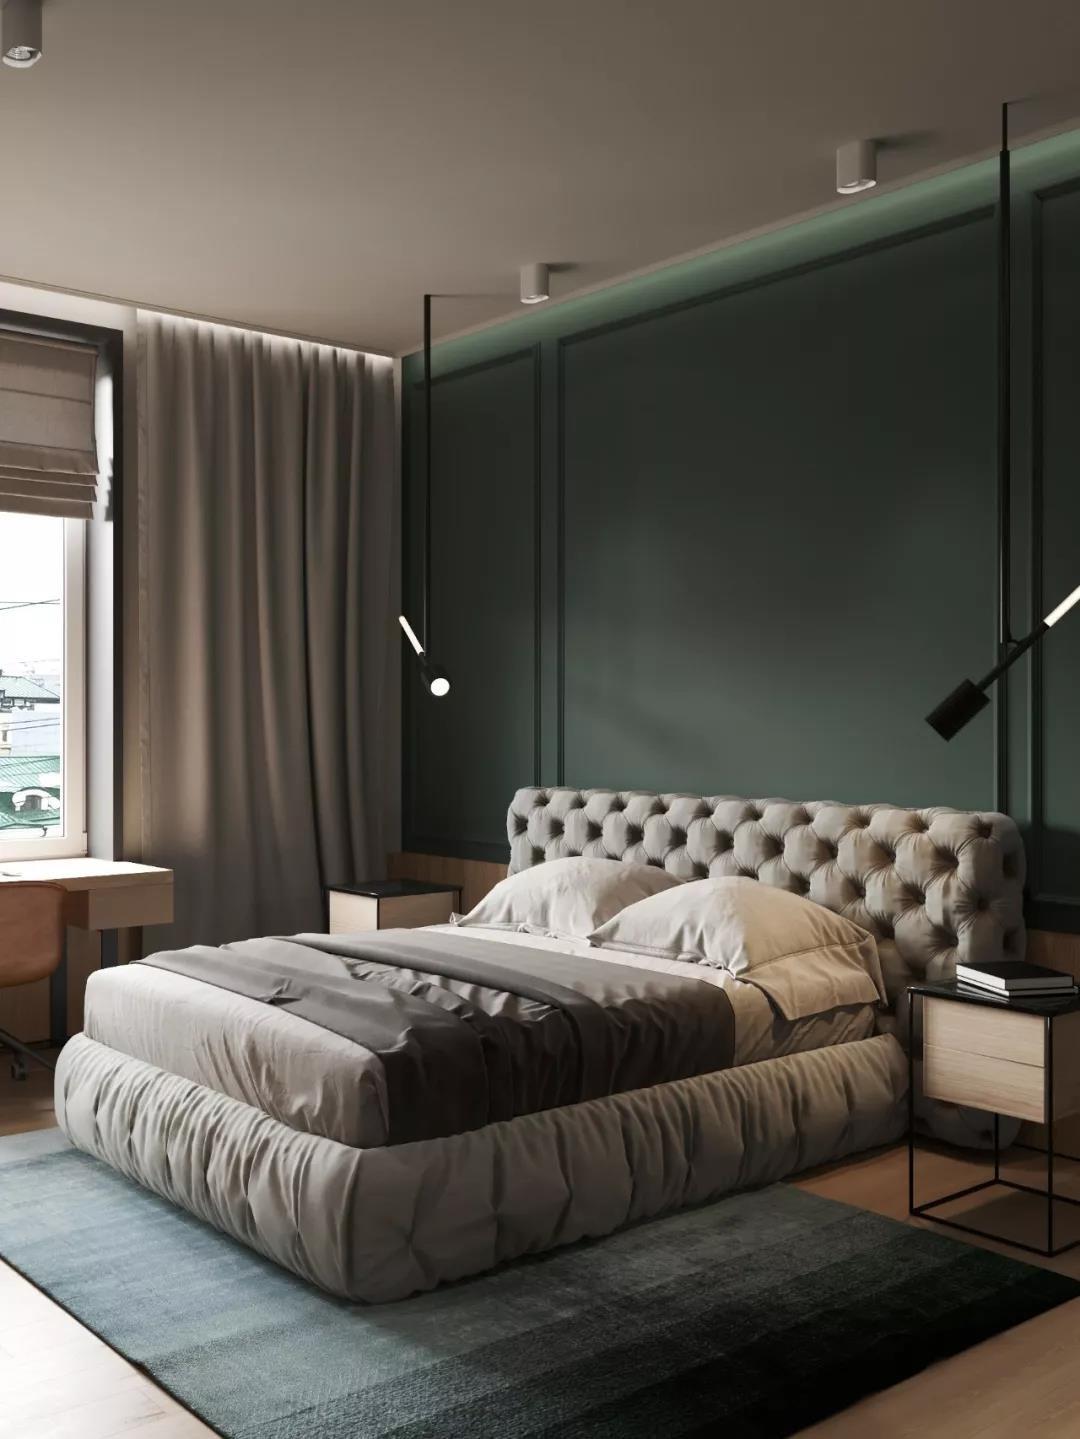 2021新古典卧室装修设计图片 2021新古典梳妆台装修设计